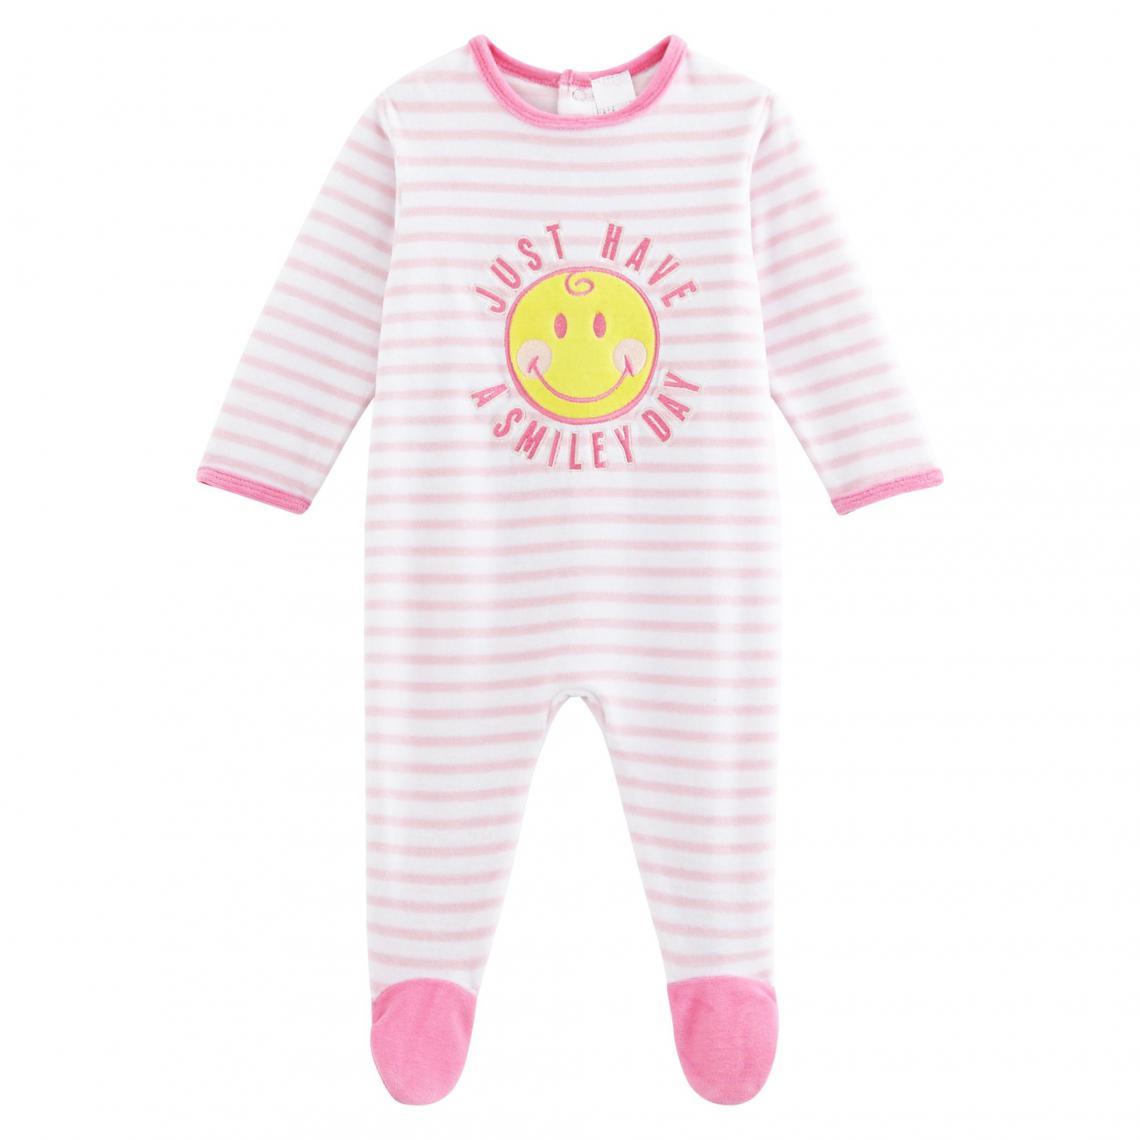 318794b0b7d9 Dors bien velours bébé fille Smiley - Rose Smiley World Enfant